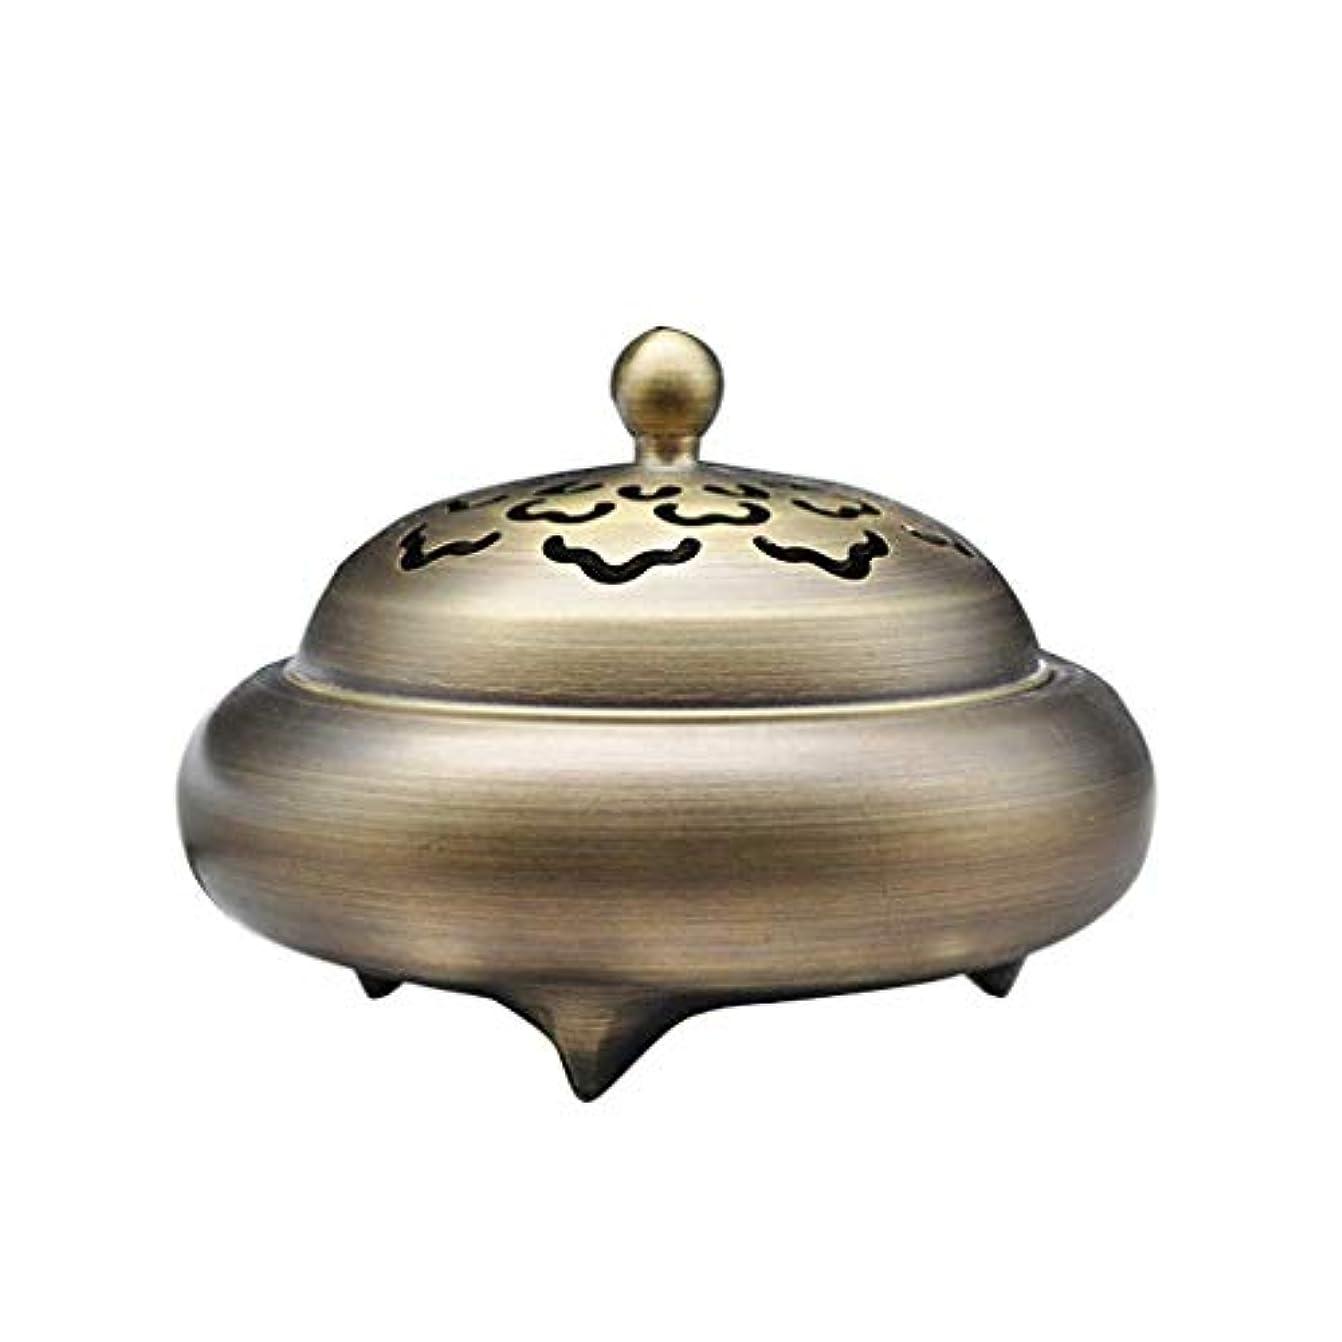 芳香器?アロマバーナー レトロバーナー純銅香バーナーホーム屋内白檀炉香バーナー香道路装飾 アロマバーナー芳香器 (Color : Brass)